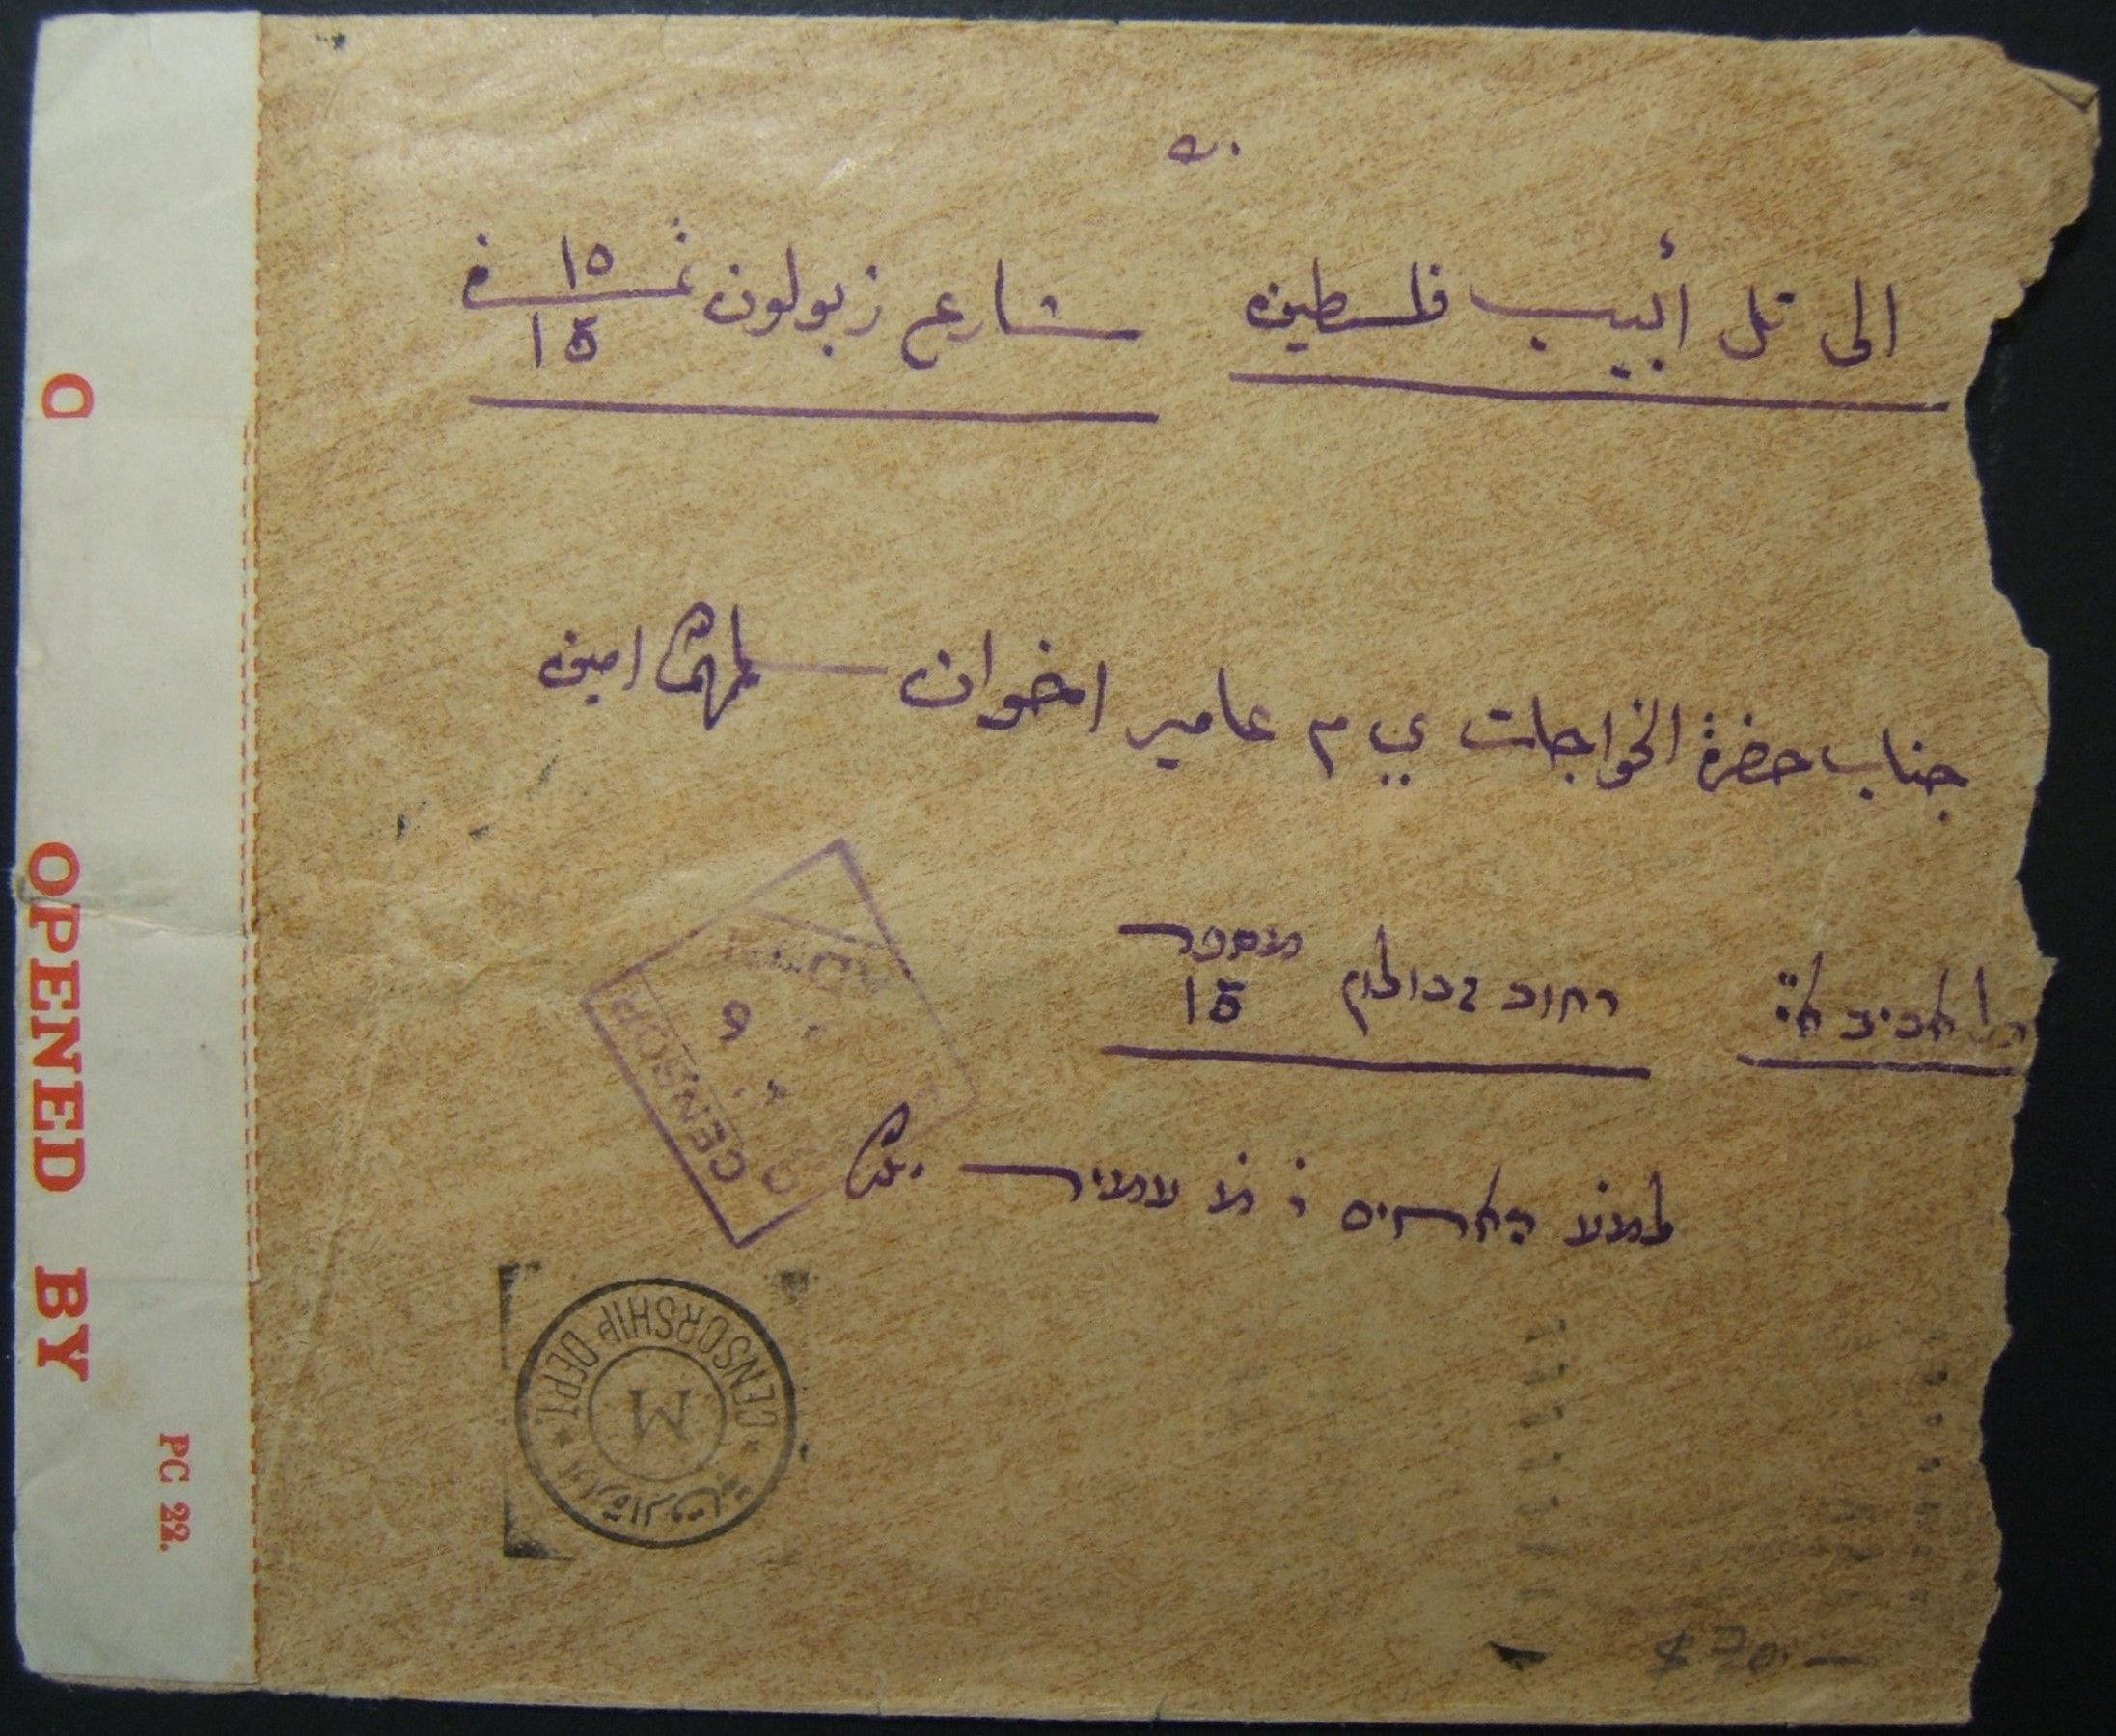 3/1941 بريد إلكتروني من الحرب العالمية الثانية على الإنترنت من اليمن إلى تل أبيب عبر القاهرة و هيفاء